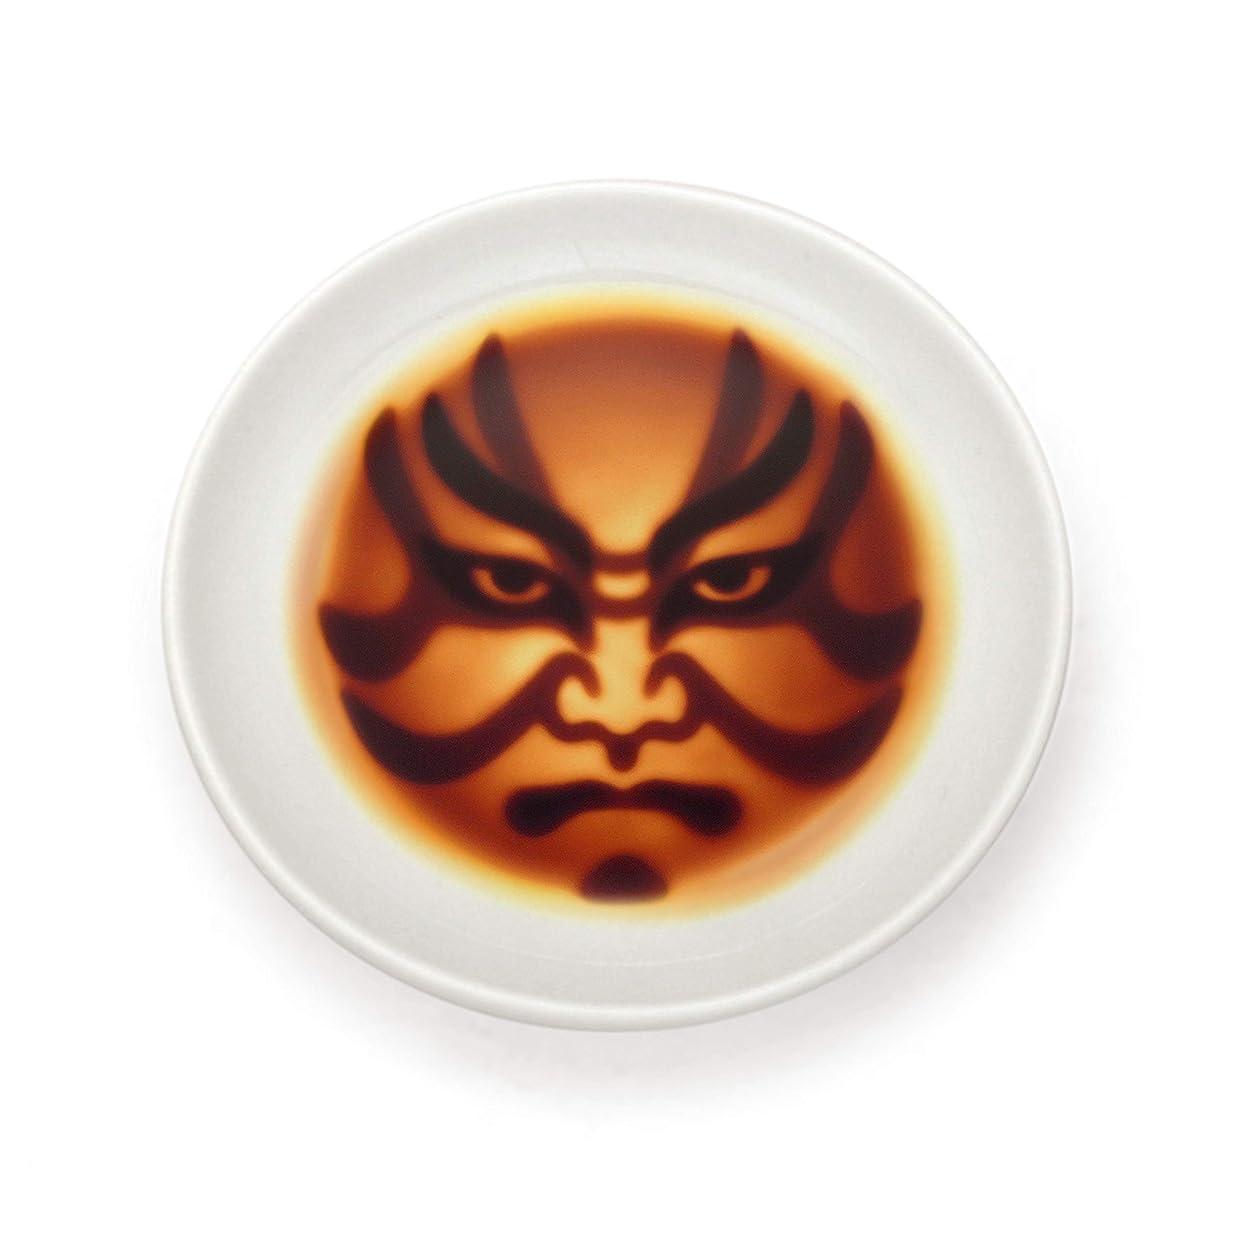 違反コンテストびっくりアルタ 歌舞伎醤油皿 白 高さ19mm、直径93mm 隈取/筋隈 AR0604281